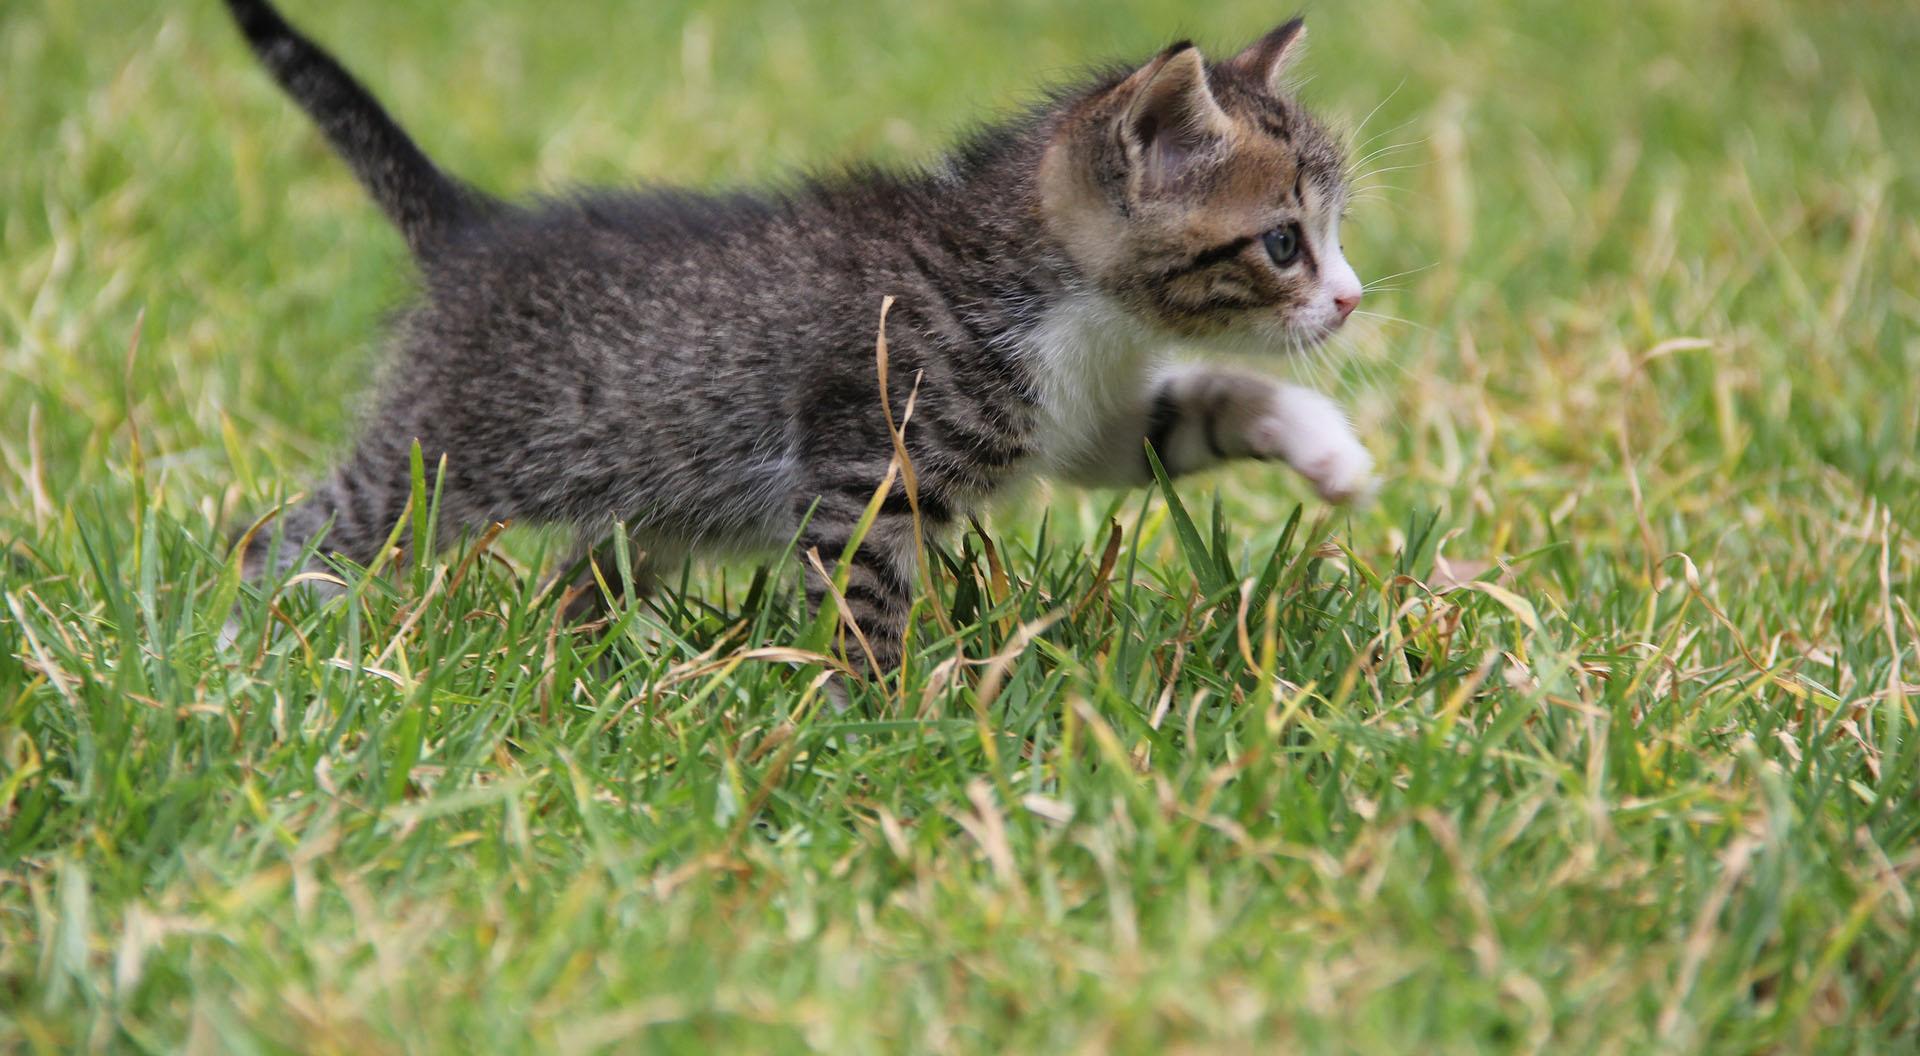 kitten-487641_1920